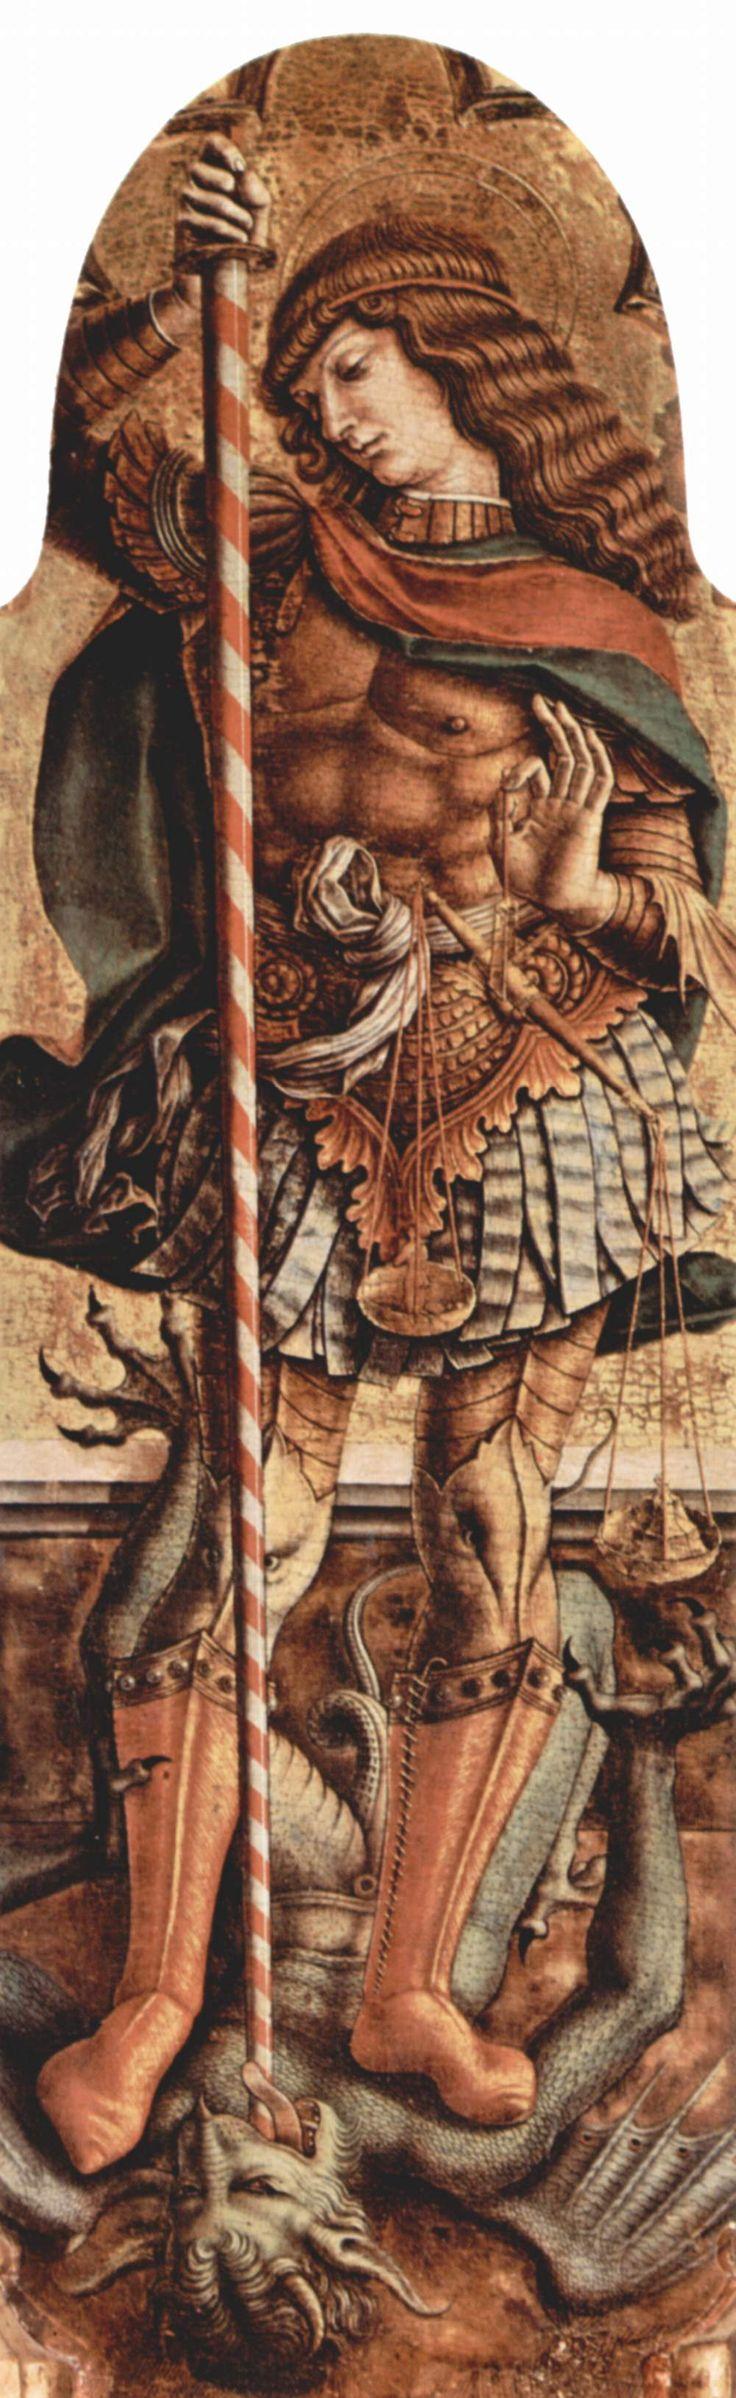 Доспехи на картинах и фресках.14-15-16 век.   Carlo_Crivelli,Perugino, Fra Filippo Lippi- St Michael.15 век. -------------------Фрески и картины------------------ ======================================== =====…